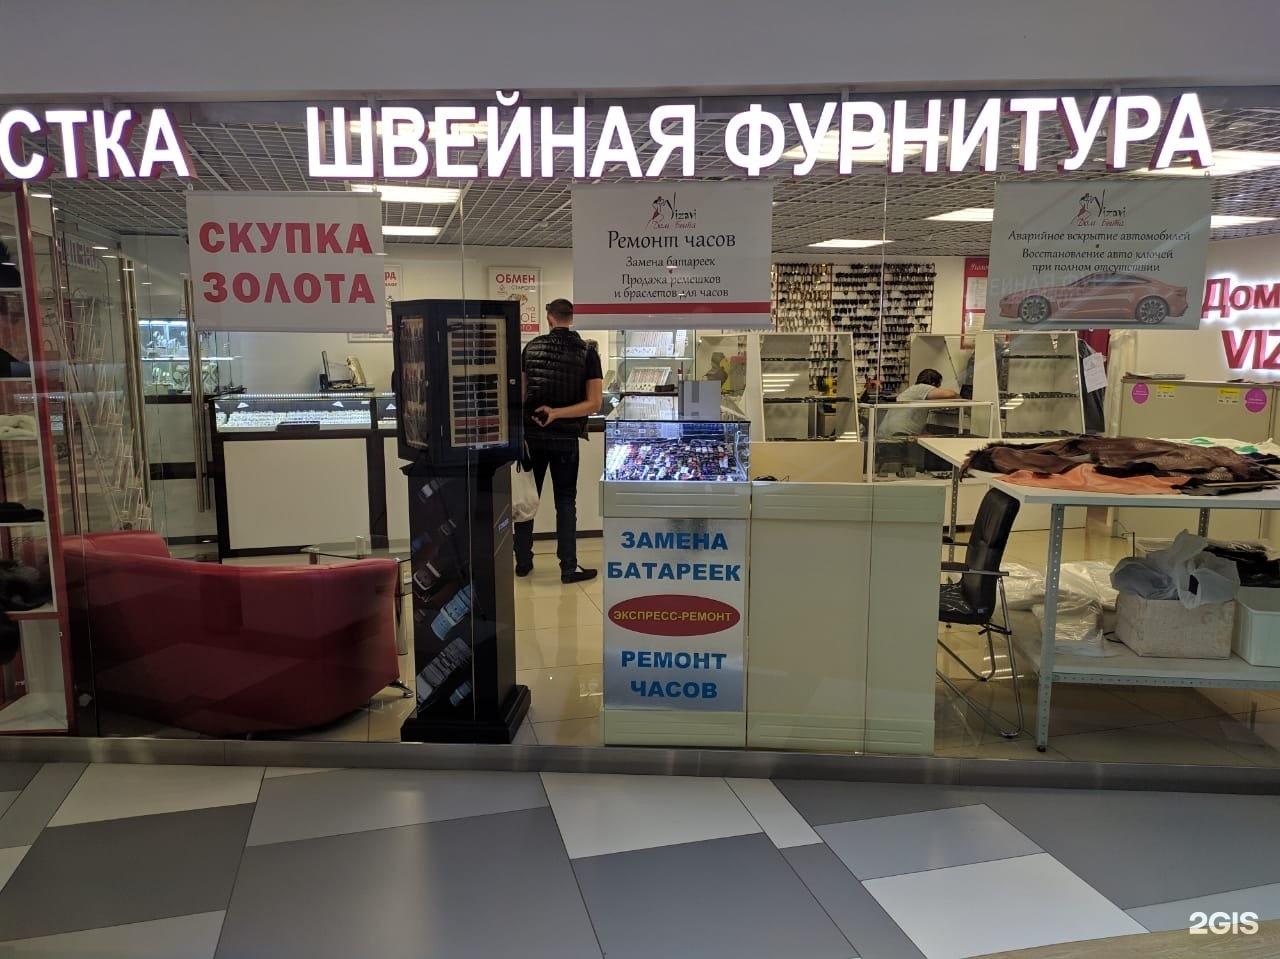 Первомайский иркутск скупка часов для часов инструмент продам ремонта